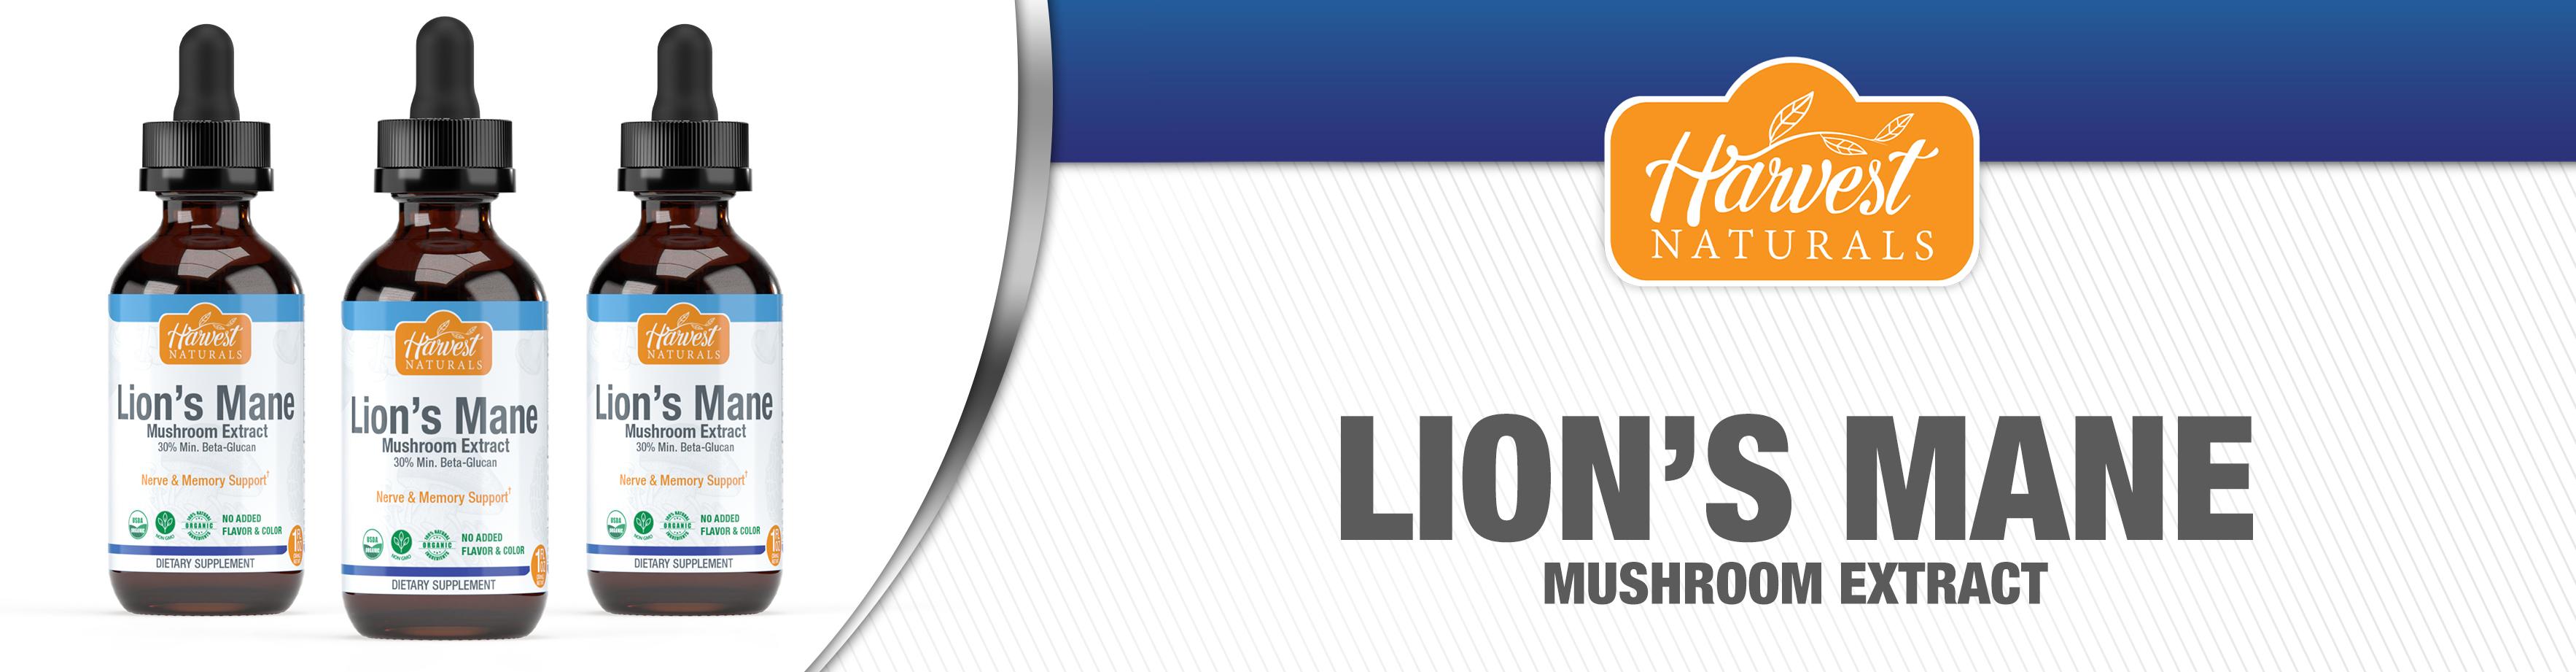 lion-s-mane-mushroom-1-fl-oz-10-21.jpg